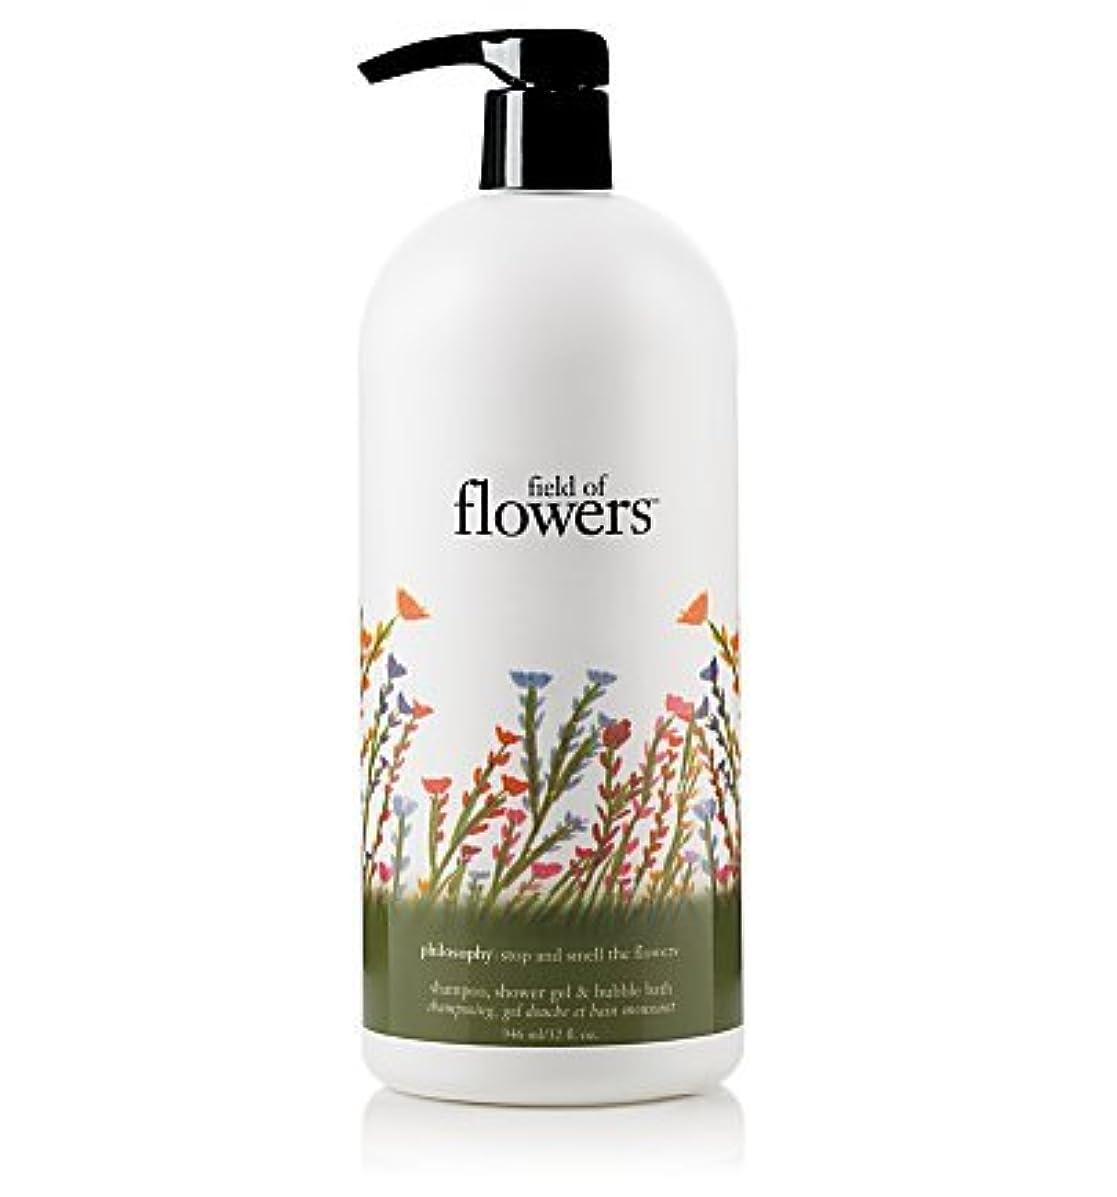 達成可能あたり読書をするfield of flowers (フィールド オブ フラワーズ) 32.0 oz (960ml) shampoo, shower gel & bubble bath for Women